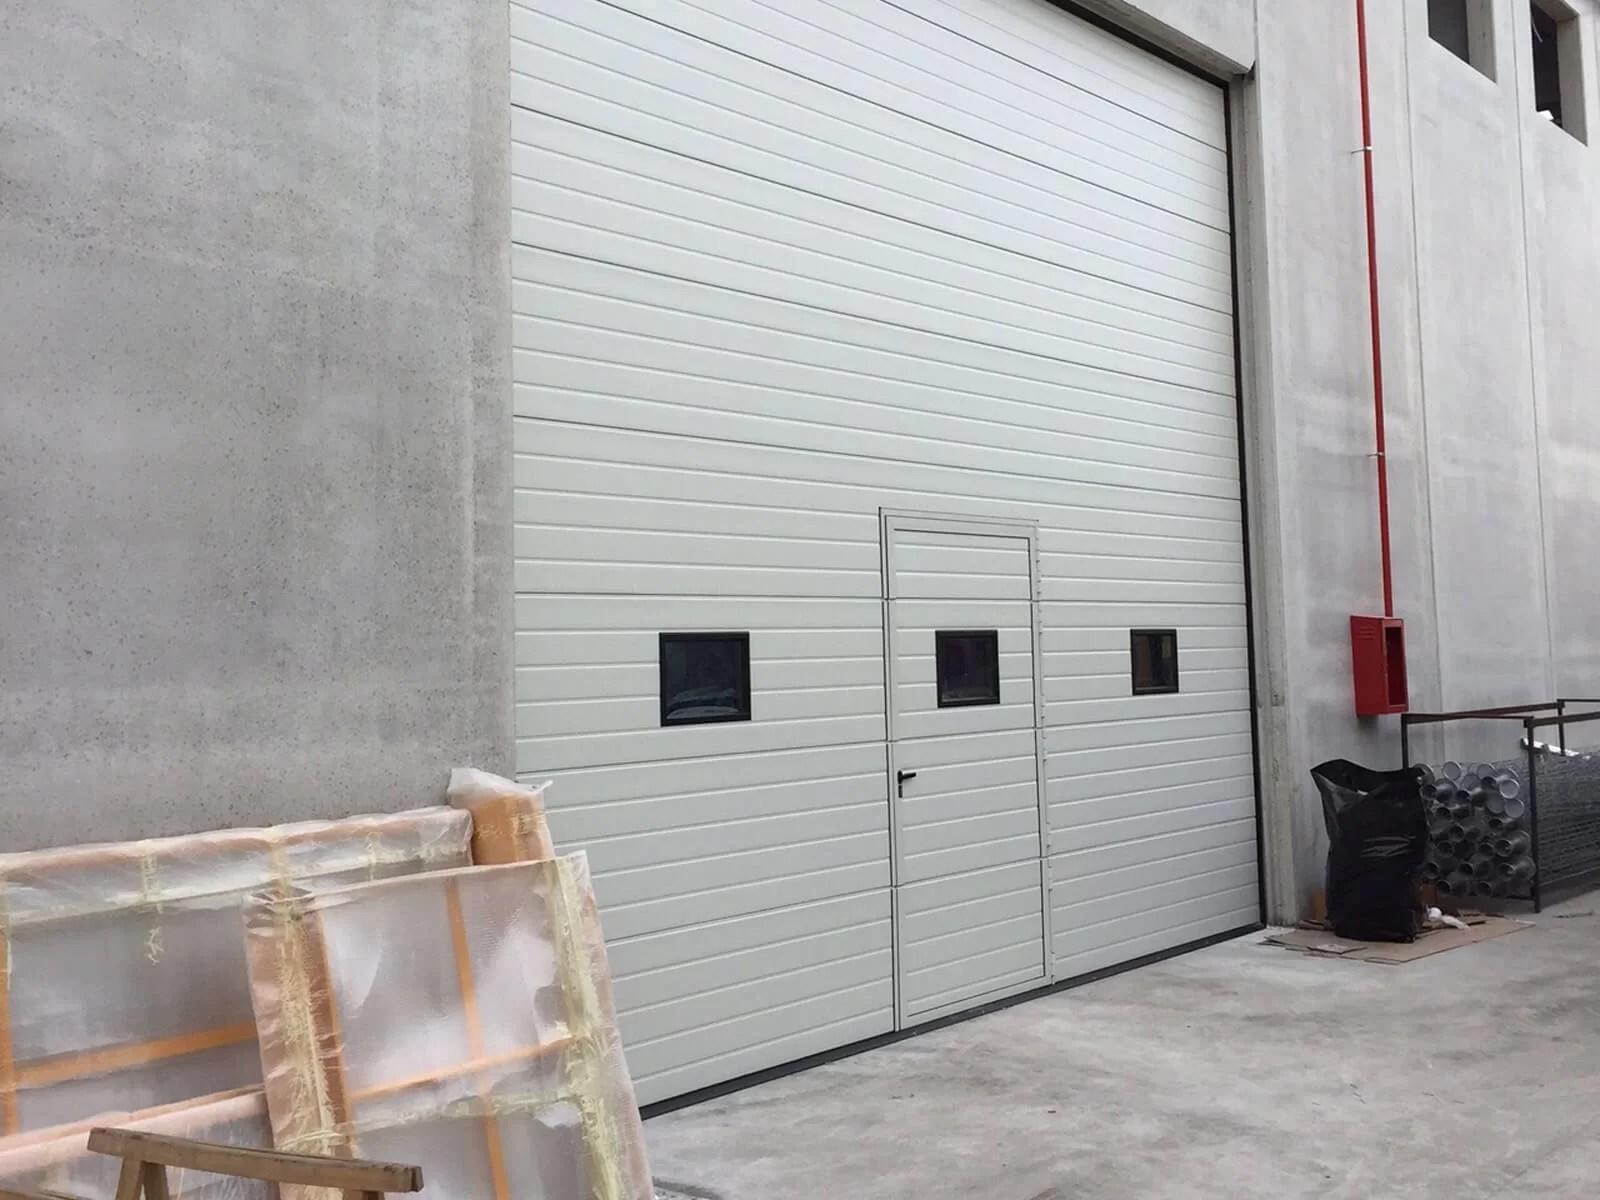 Portone sezionale industriale SECURA - Stucco bianco C21 porta pedonale ribassata